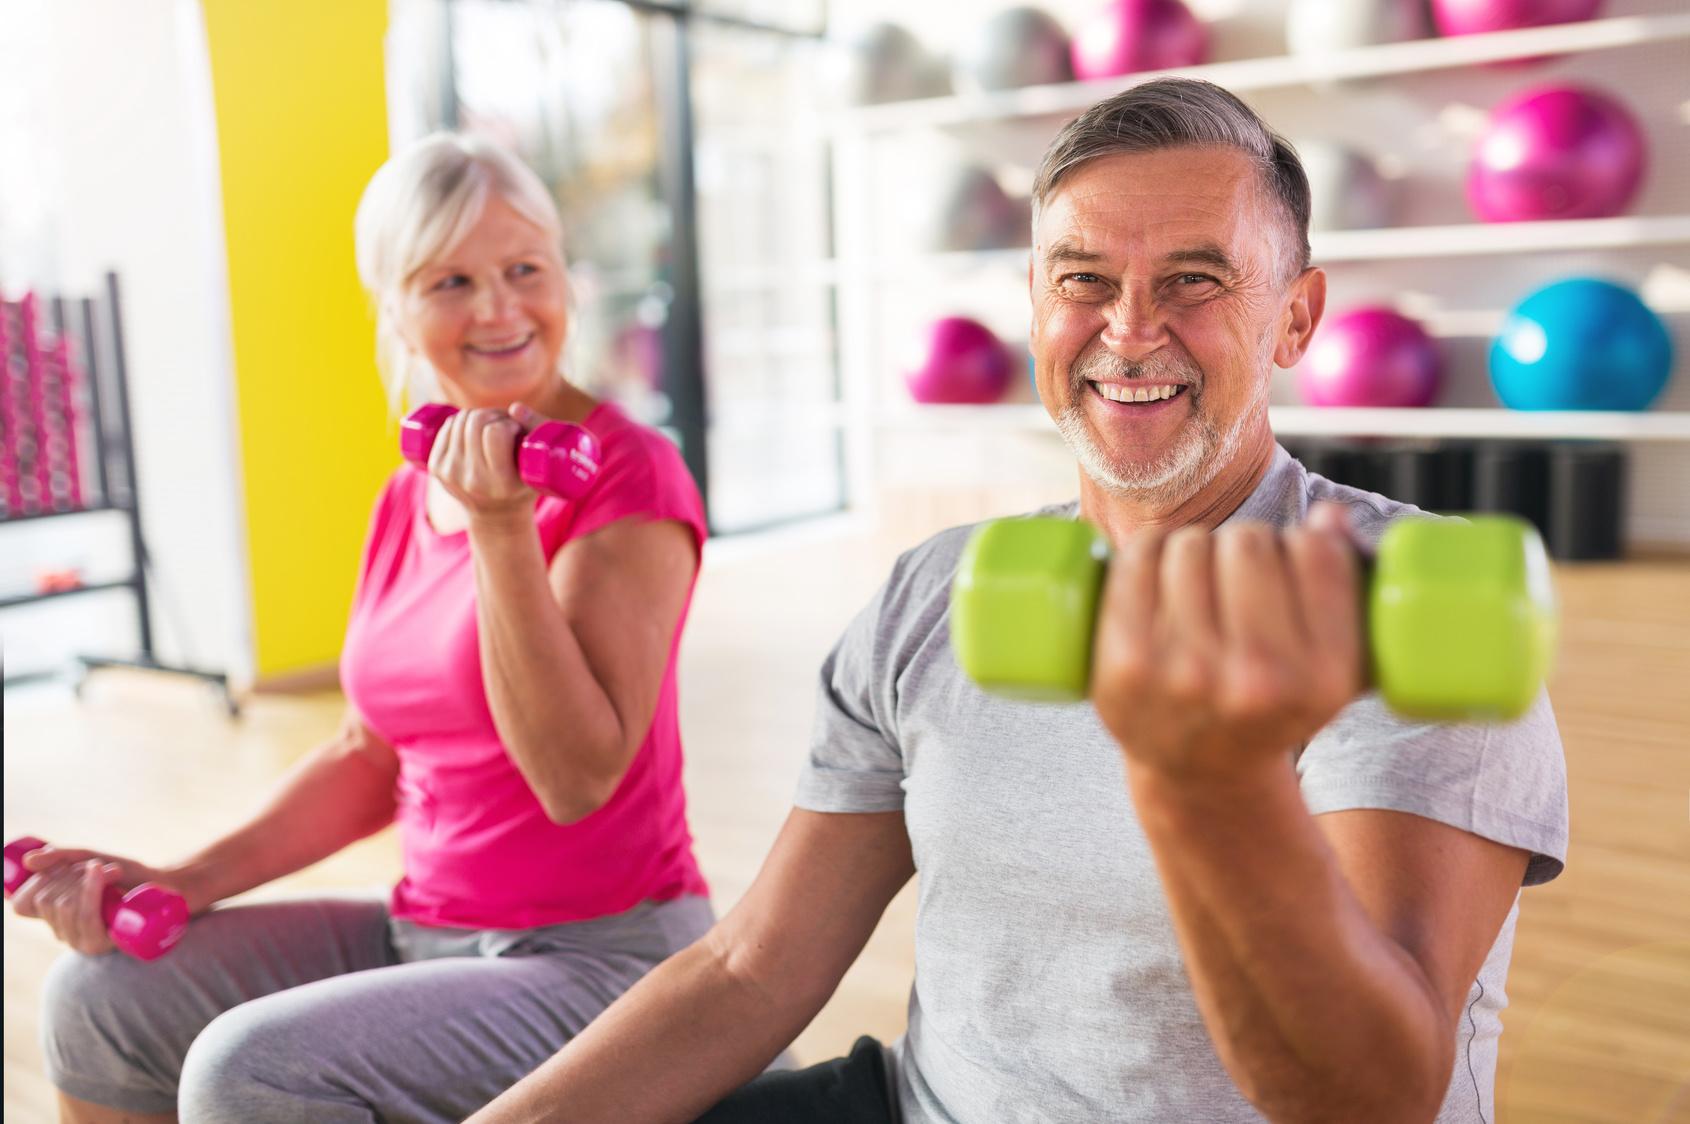 نتيجة بحث الصور عن senior gym